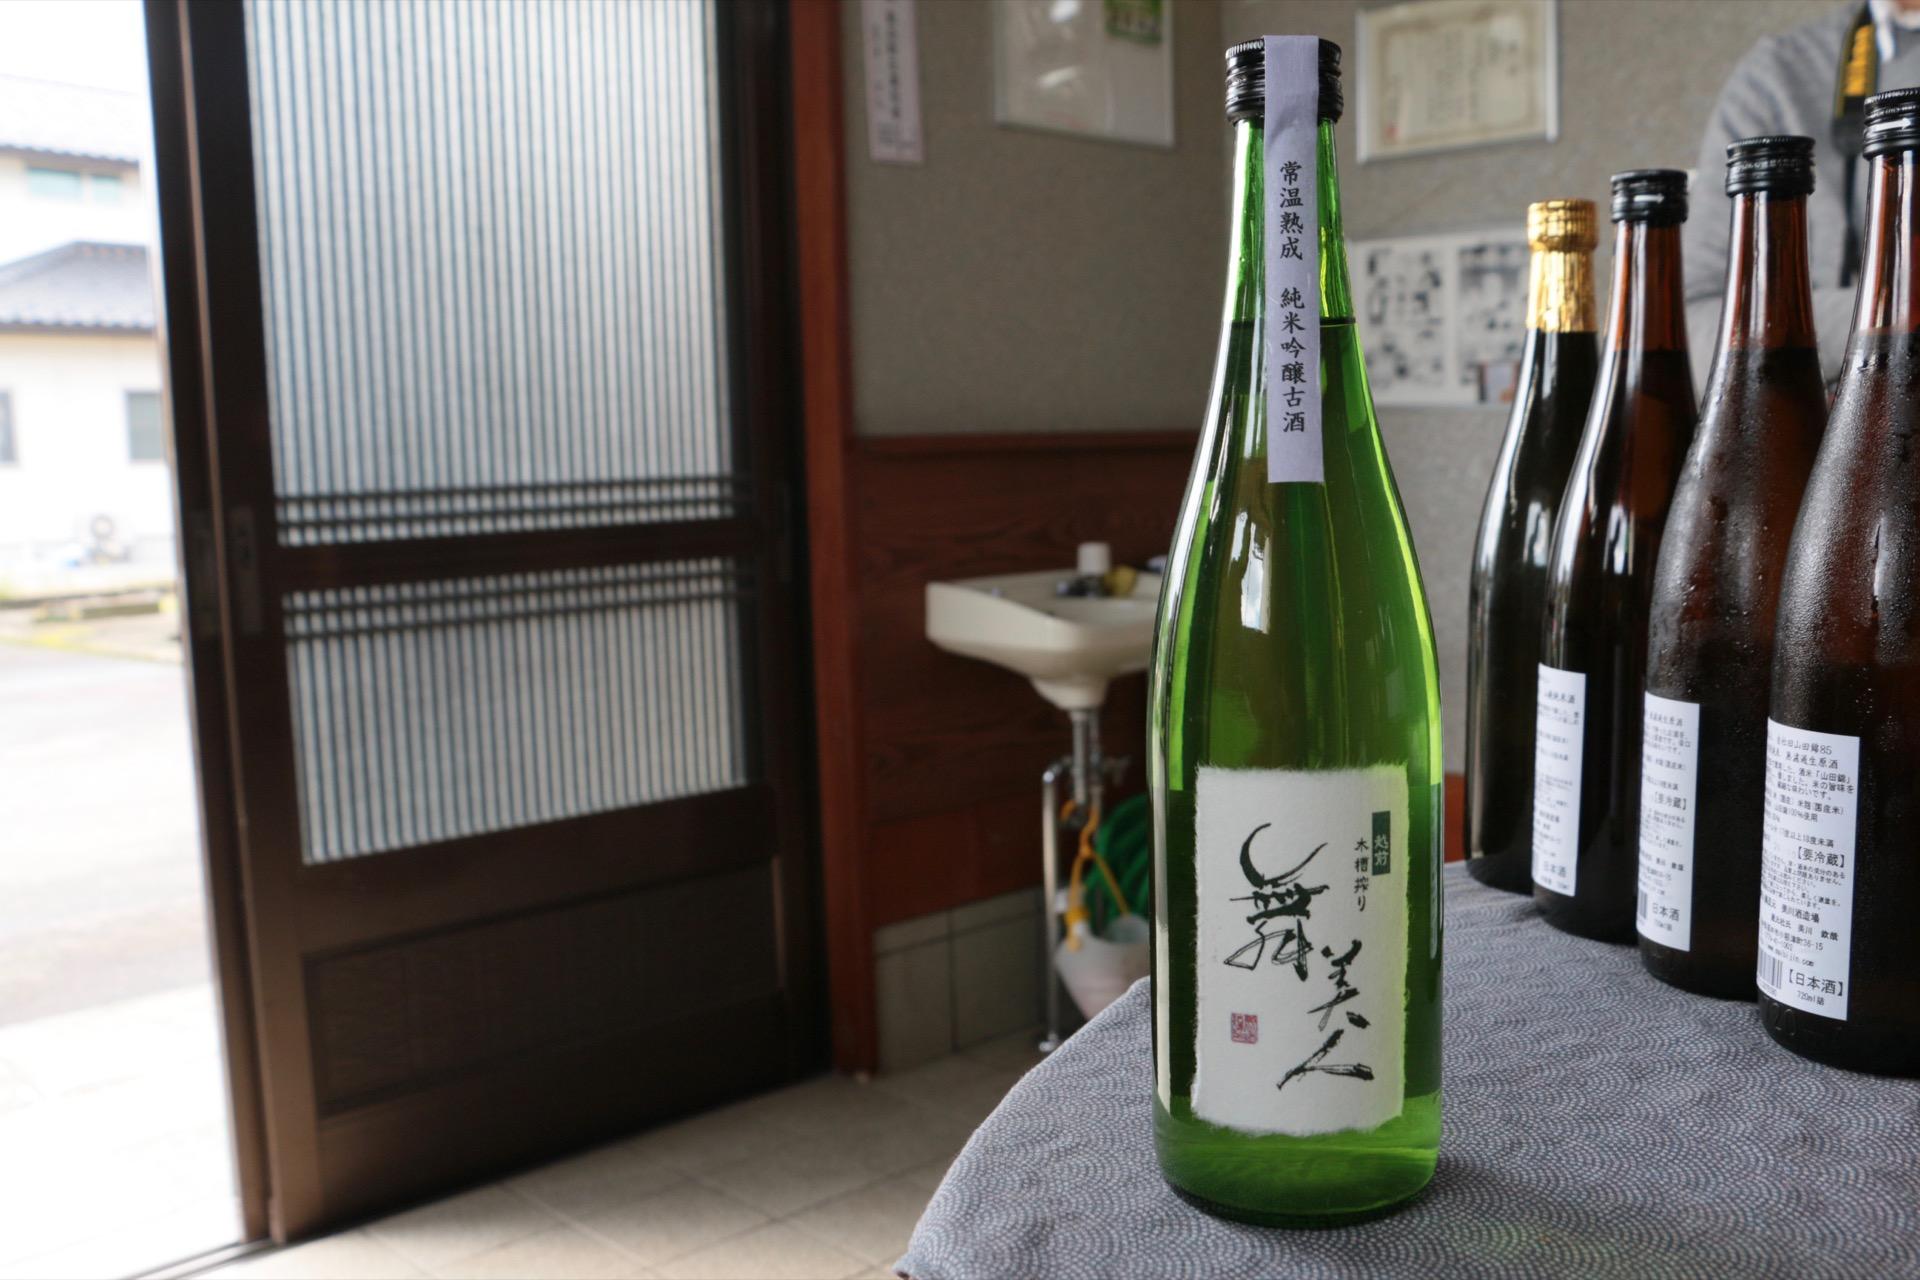 舞美人 2009年醸造 純米吟醸 常温熟成古酒(瓶貯蔵)|日本酒テイスティングノート